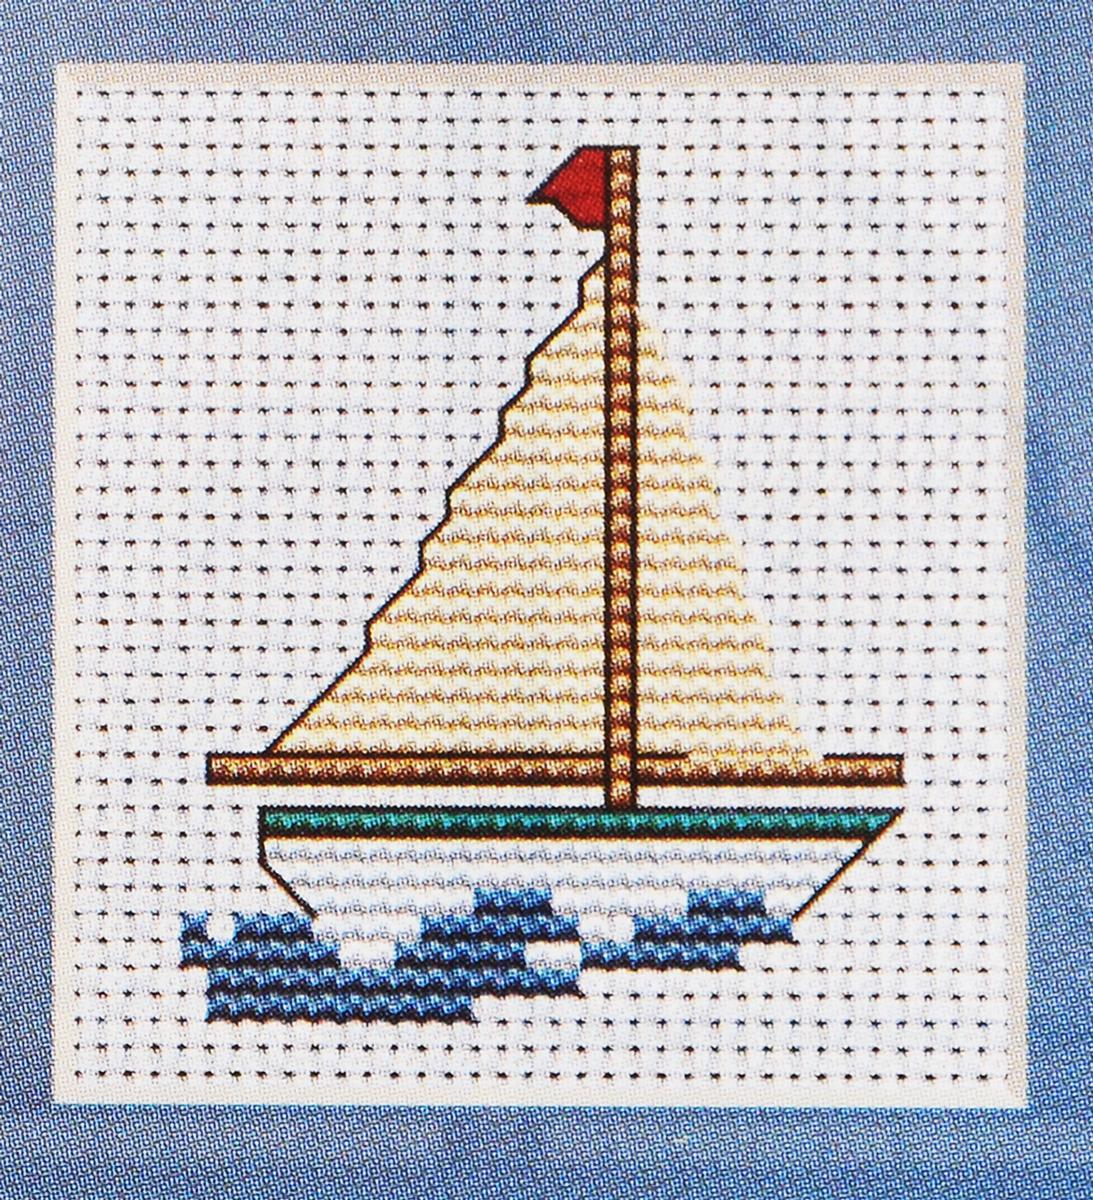 Набор для вышивания крестом Luca-S Тортик, 7,5 х 7,5 смB009Набор Luca-S Тортик - это мини-набор для вышивания забавной картинки. Отличный вариант для начинающих рукодельниц. Вышивка выполняется в технике счетный крест. Вышивание с небольшими наборами позволит вам освоить азы вышивки крестом и впоследствии приступить к выполнению более сложных работ. В набор входит: - Aida 14/100 Zweigart (белого цвета), - мулине Anchor (8 цветов), - цветная символьная схема с инструкцией в картинках, - игла.